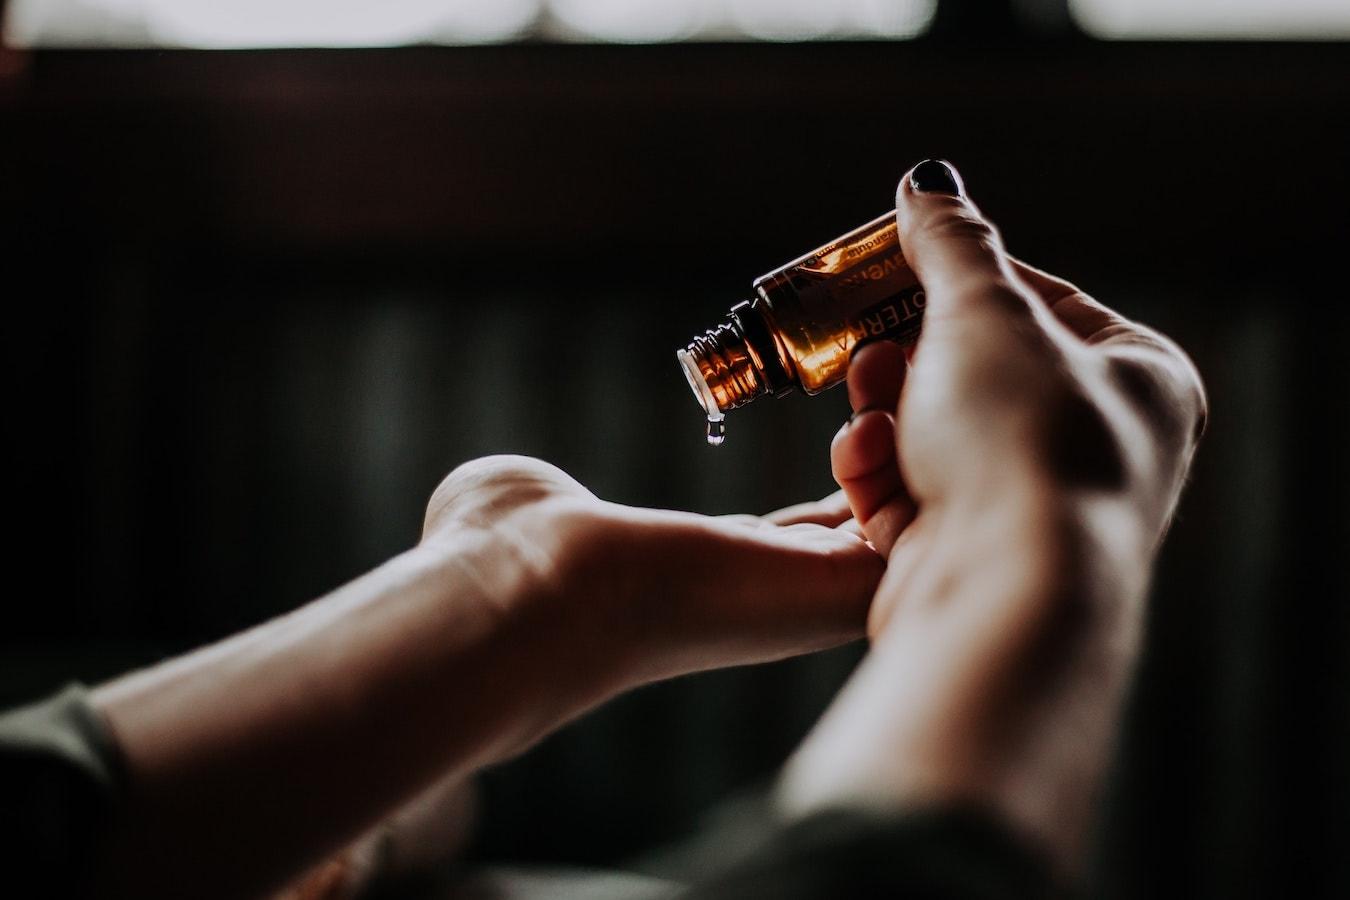 ätherische Öle Anwendung auf der Haut Hand- ätherische Öle Anwendung Flasche